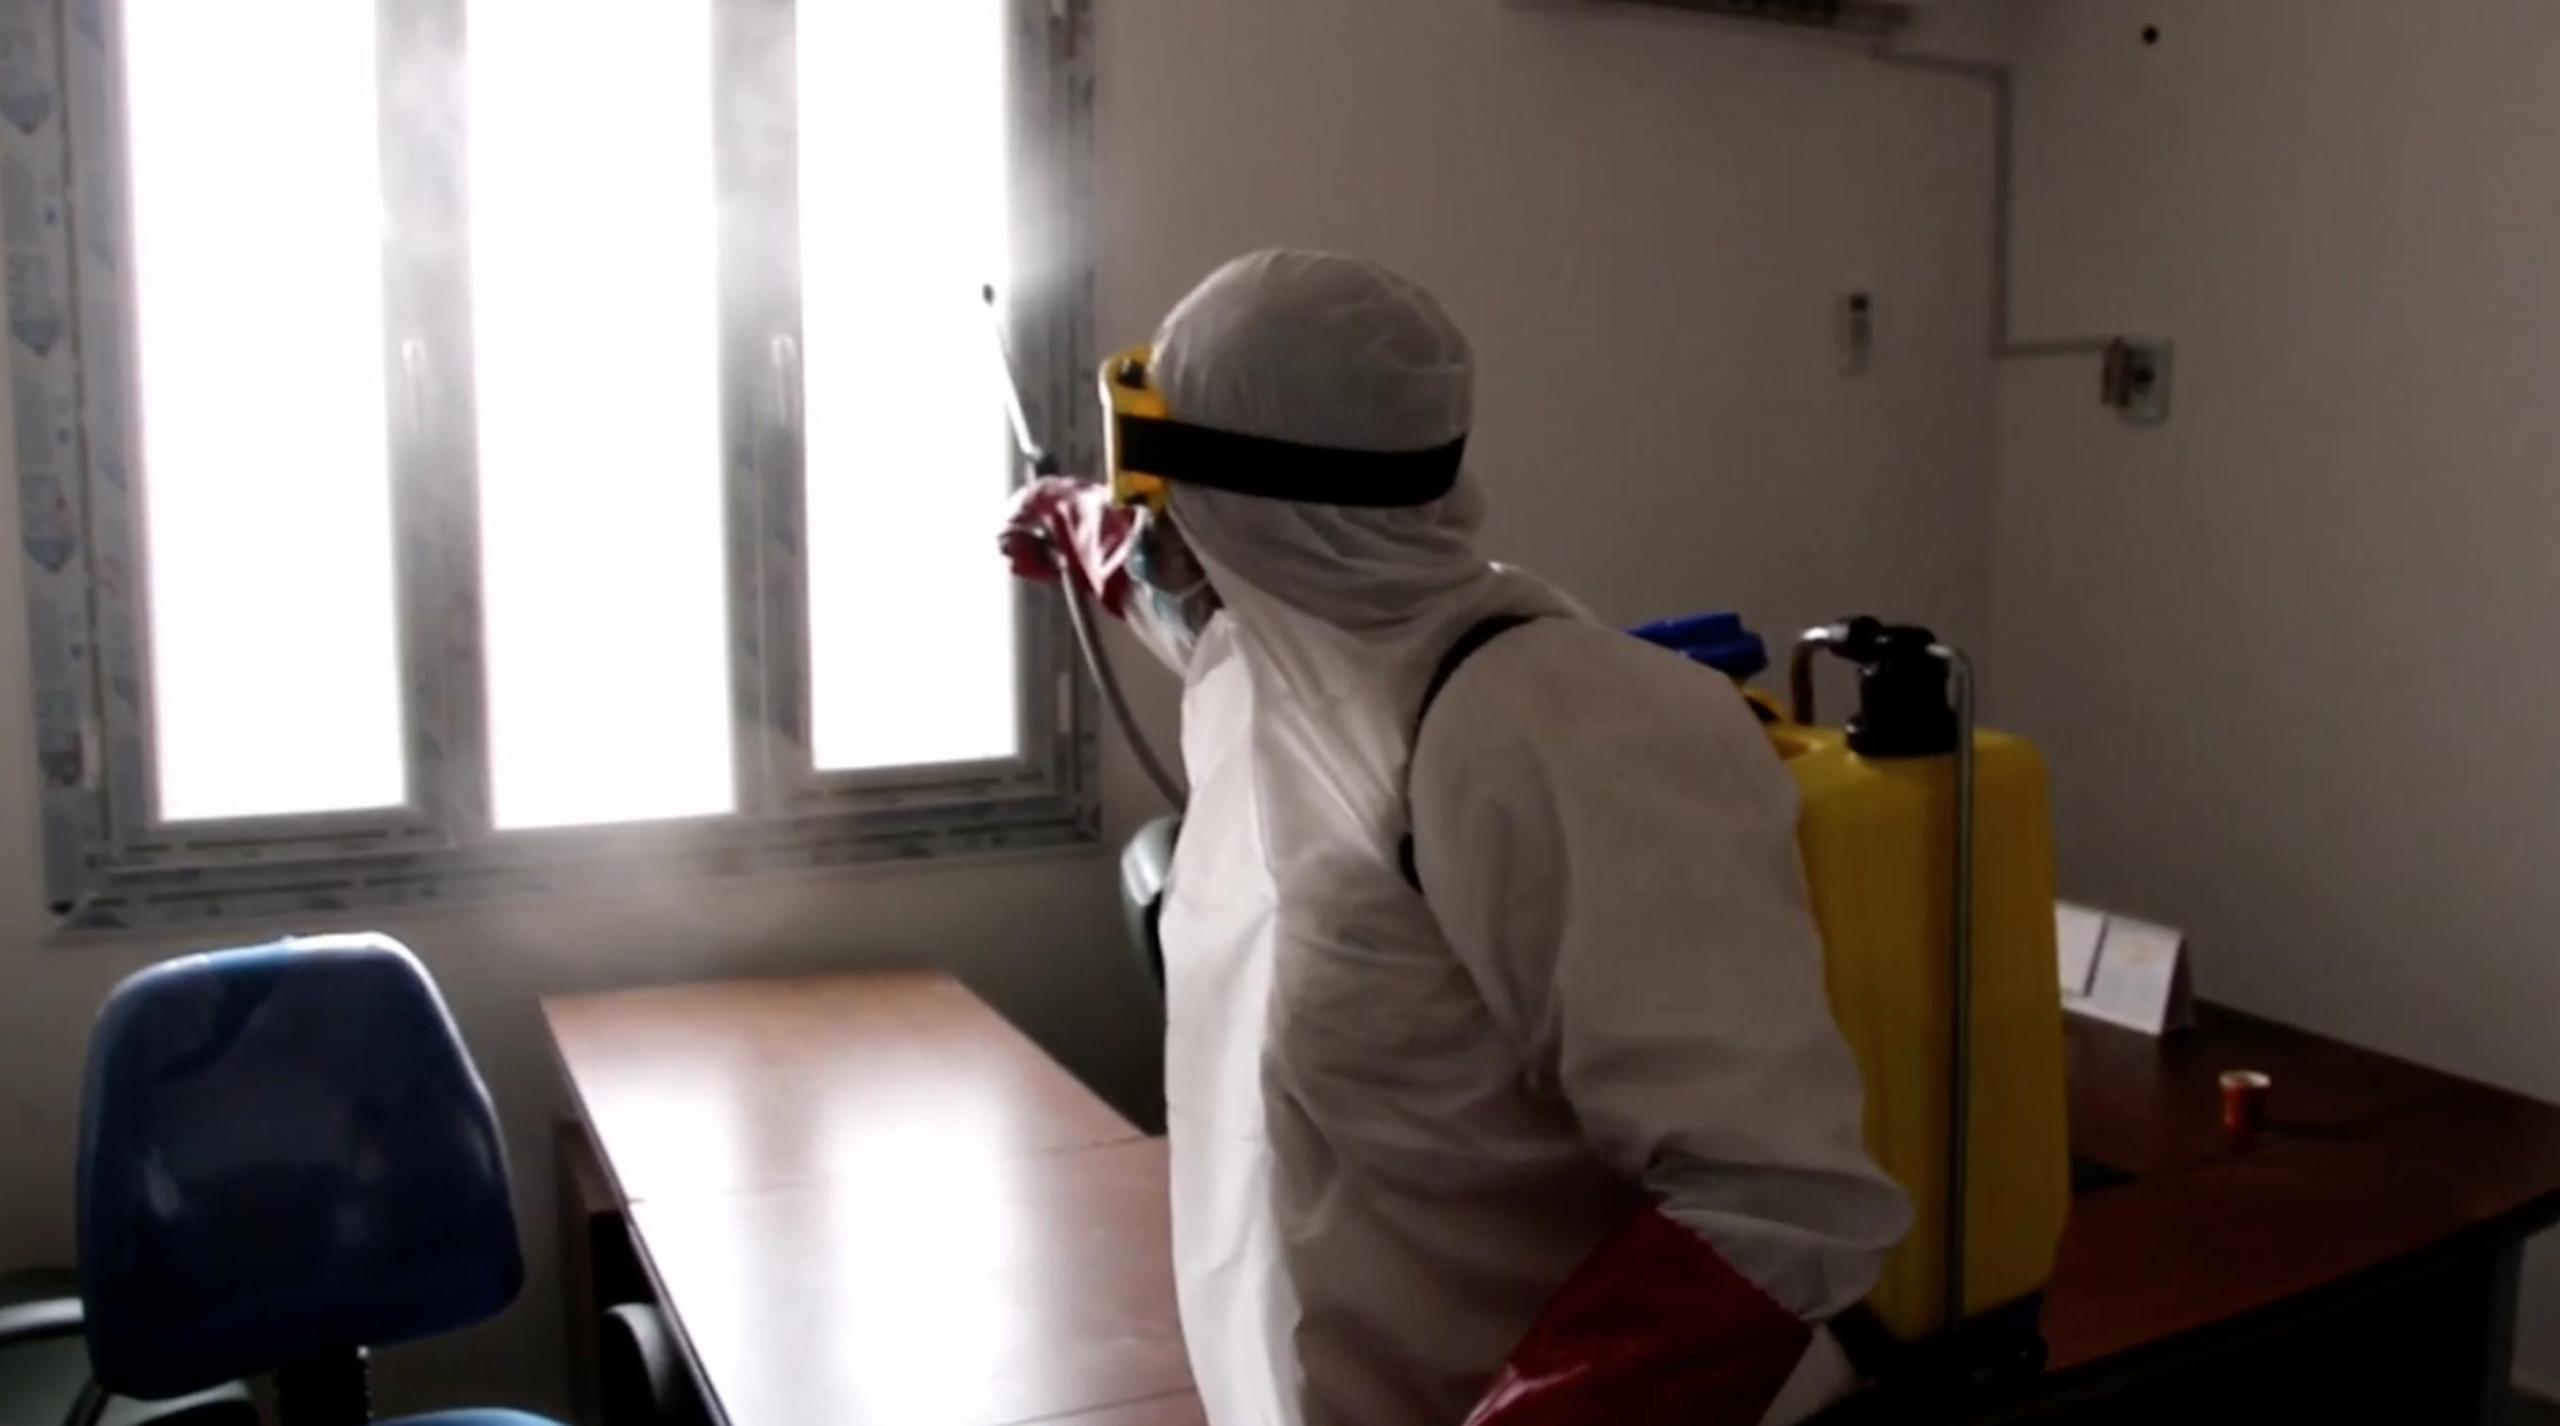 أكثر من 800 إصابة بكورونا في ليبيا خلال 24 ساعة